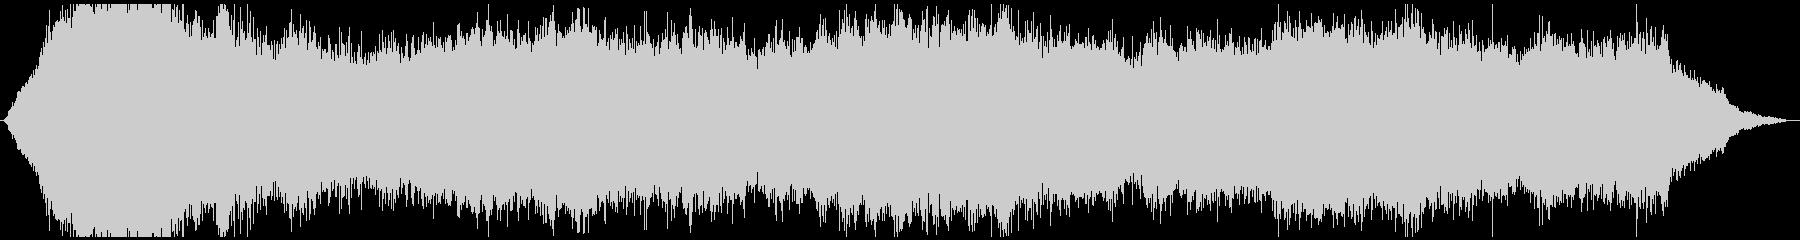 ドローン ゲイツ01の未再生の波形